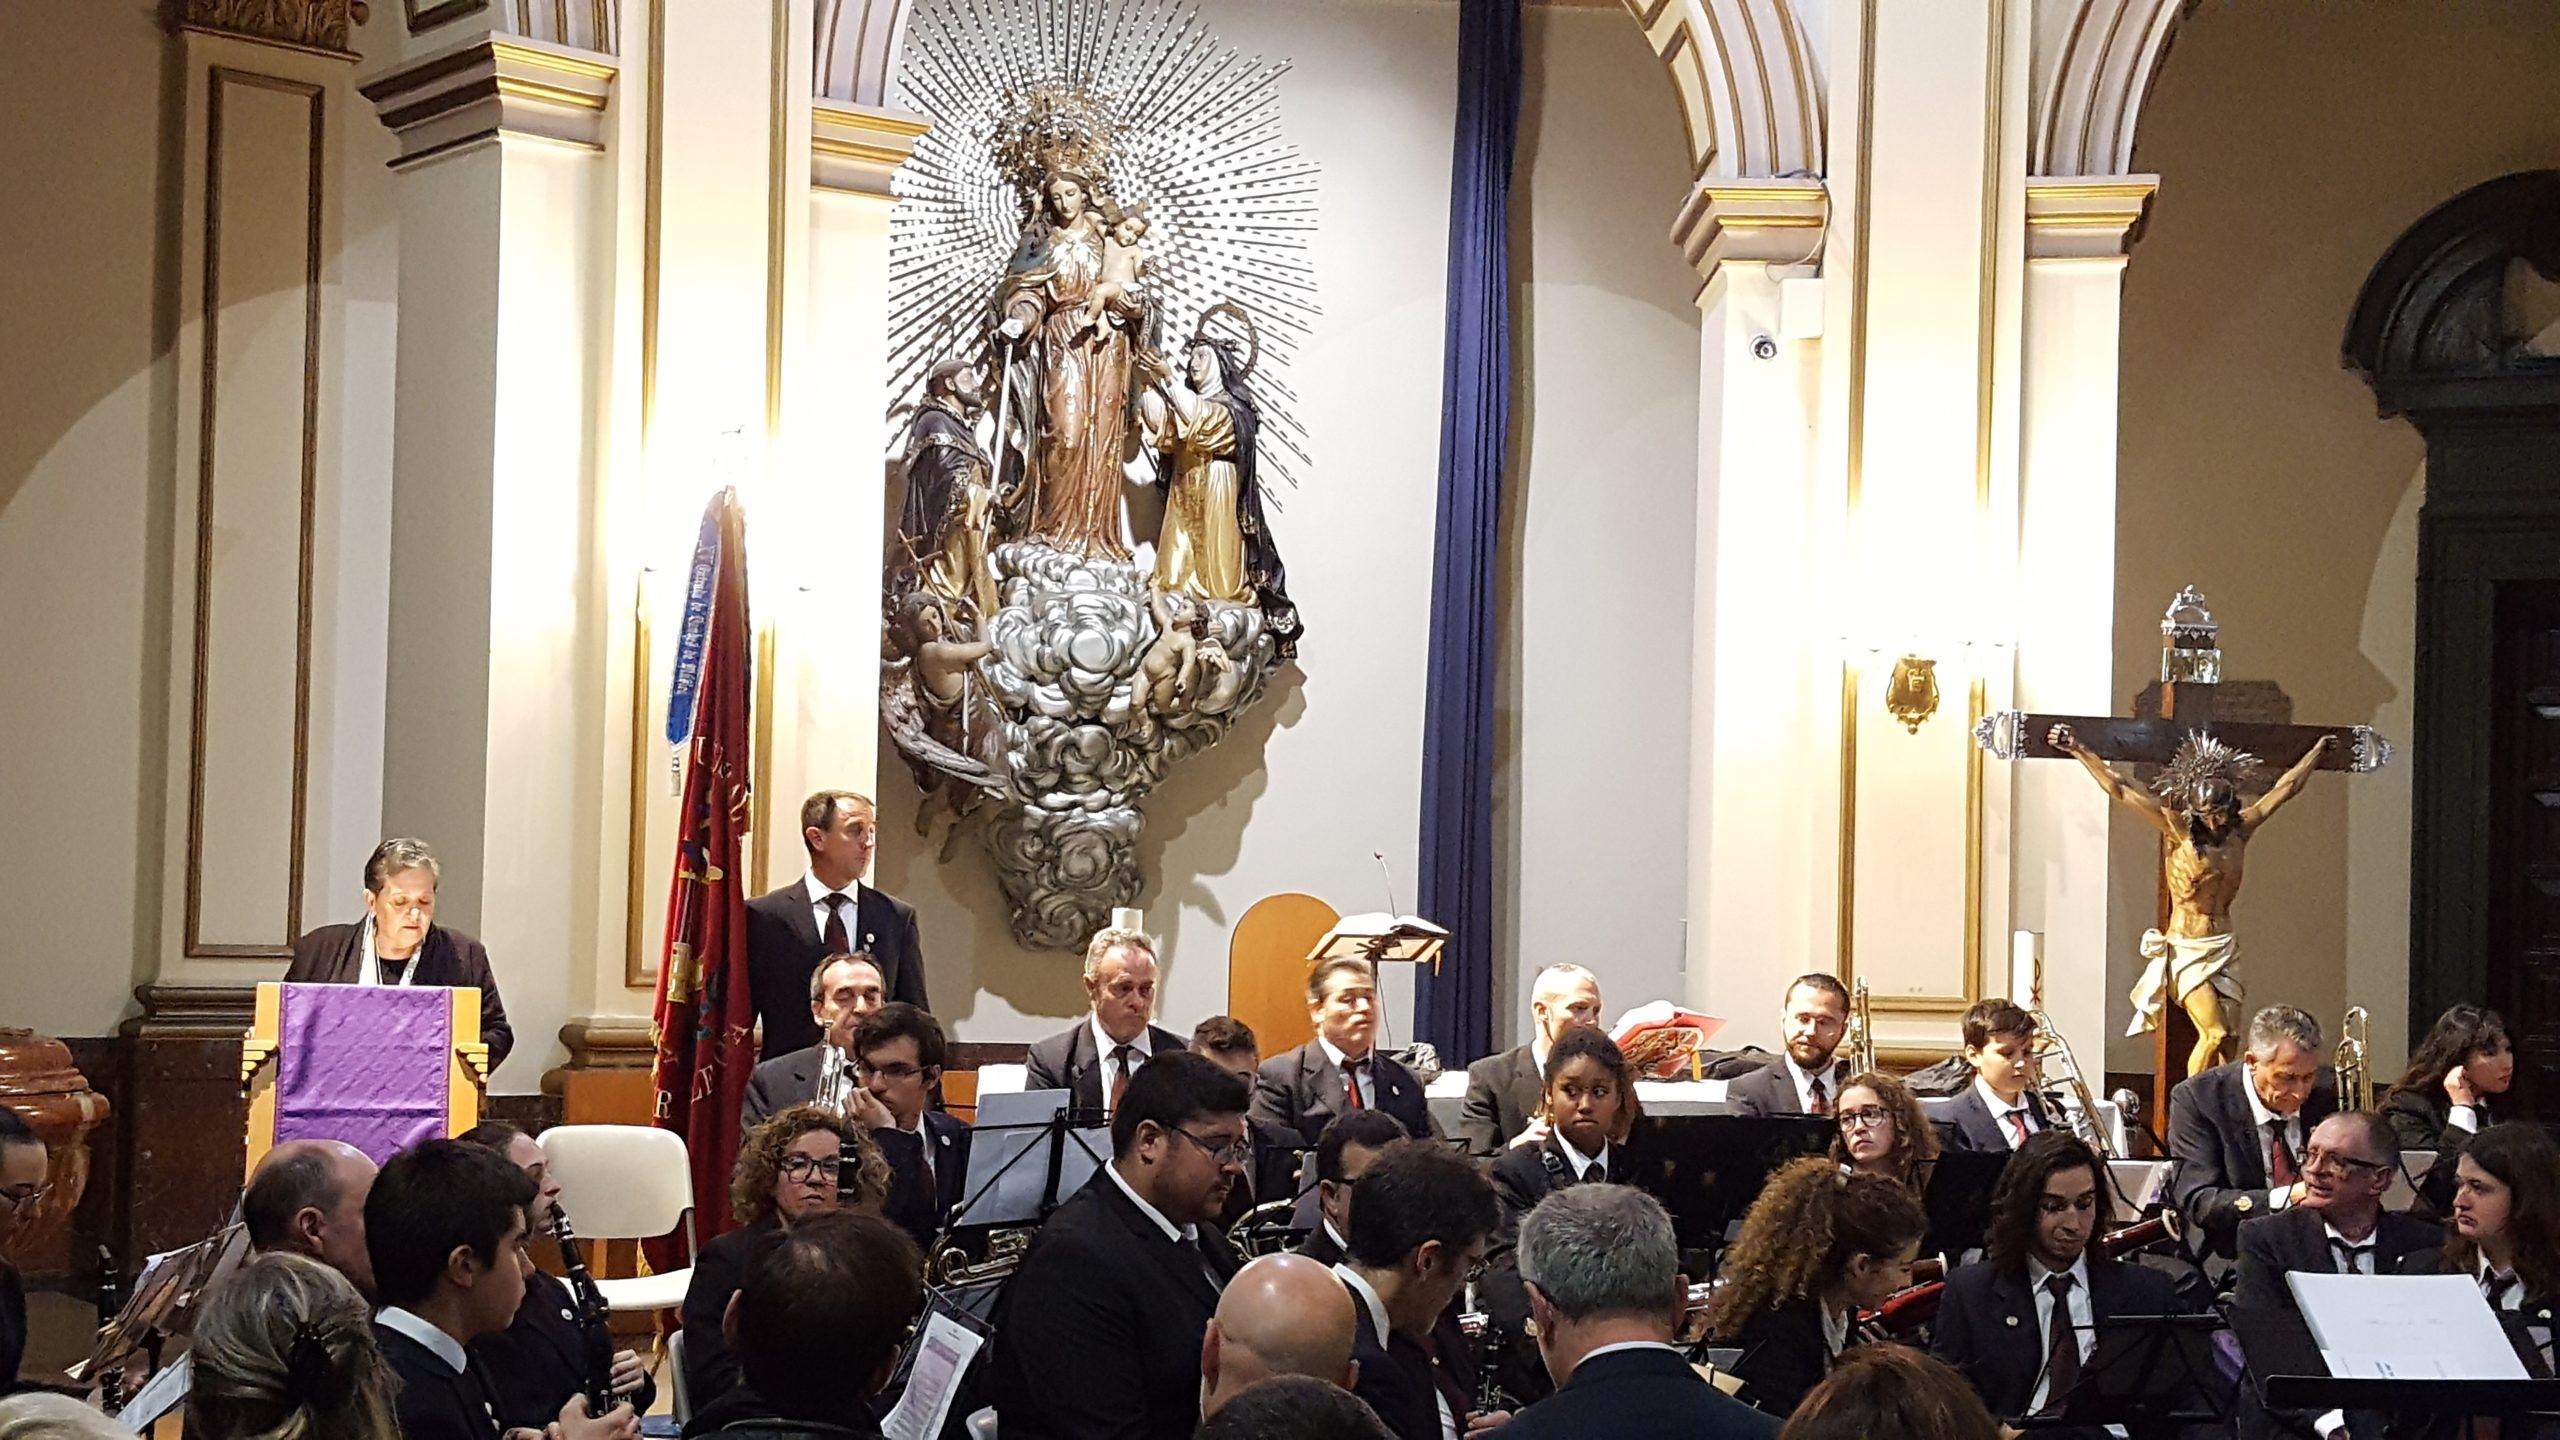 La banda del Ateneo Musical del Puerto protagonista en el Concierto de Inicio de Cuaresma